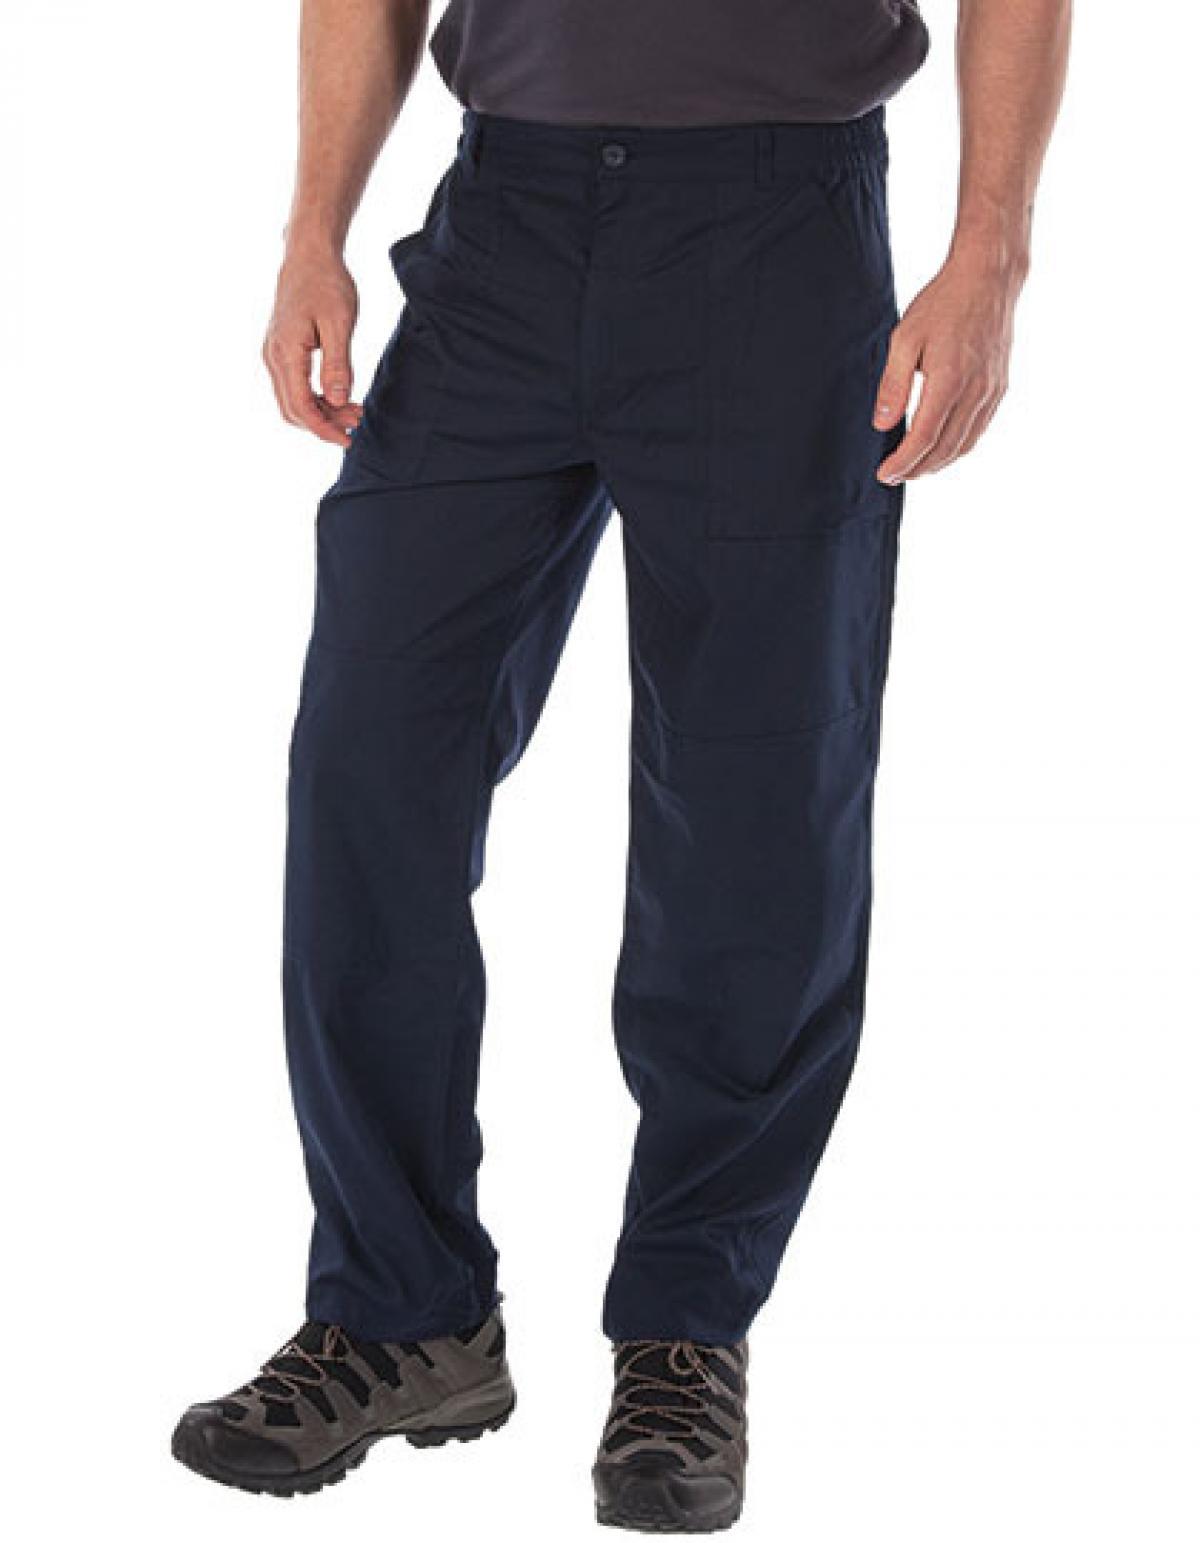 herren action trouser dauerhaft wasserabweisende rexlander s. Black Bedroom Furniture Sets. Home Design Ideas